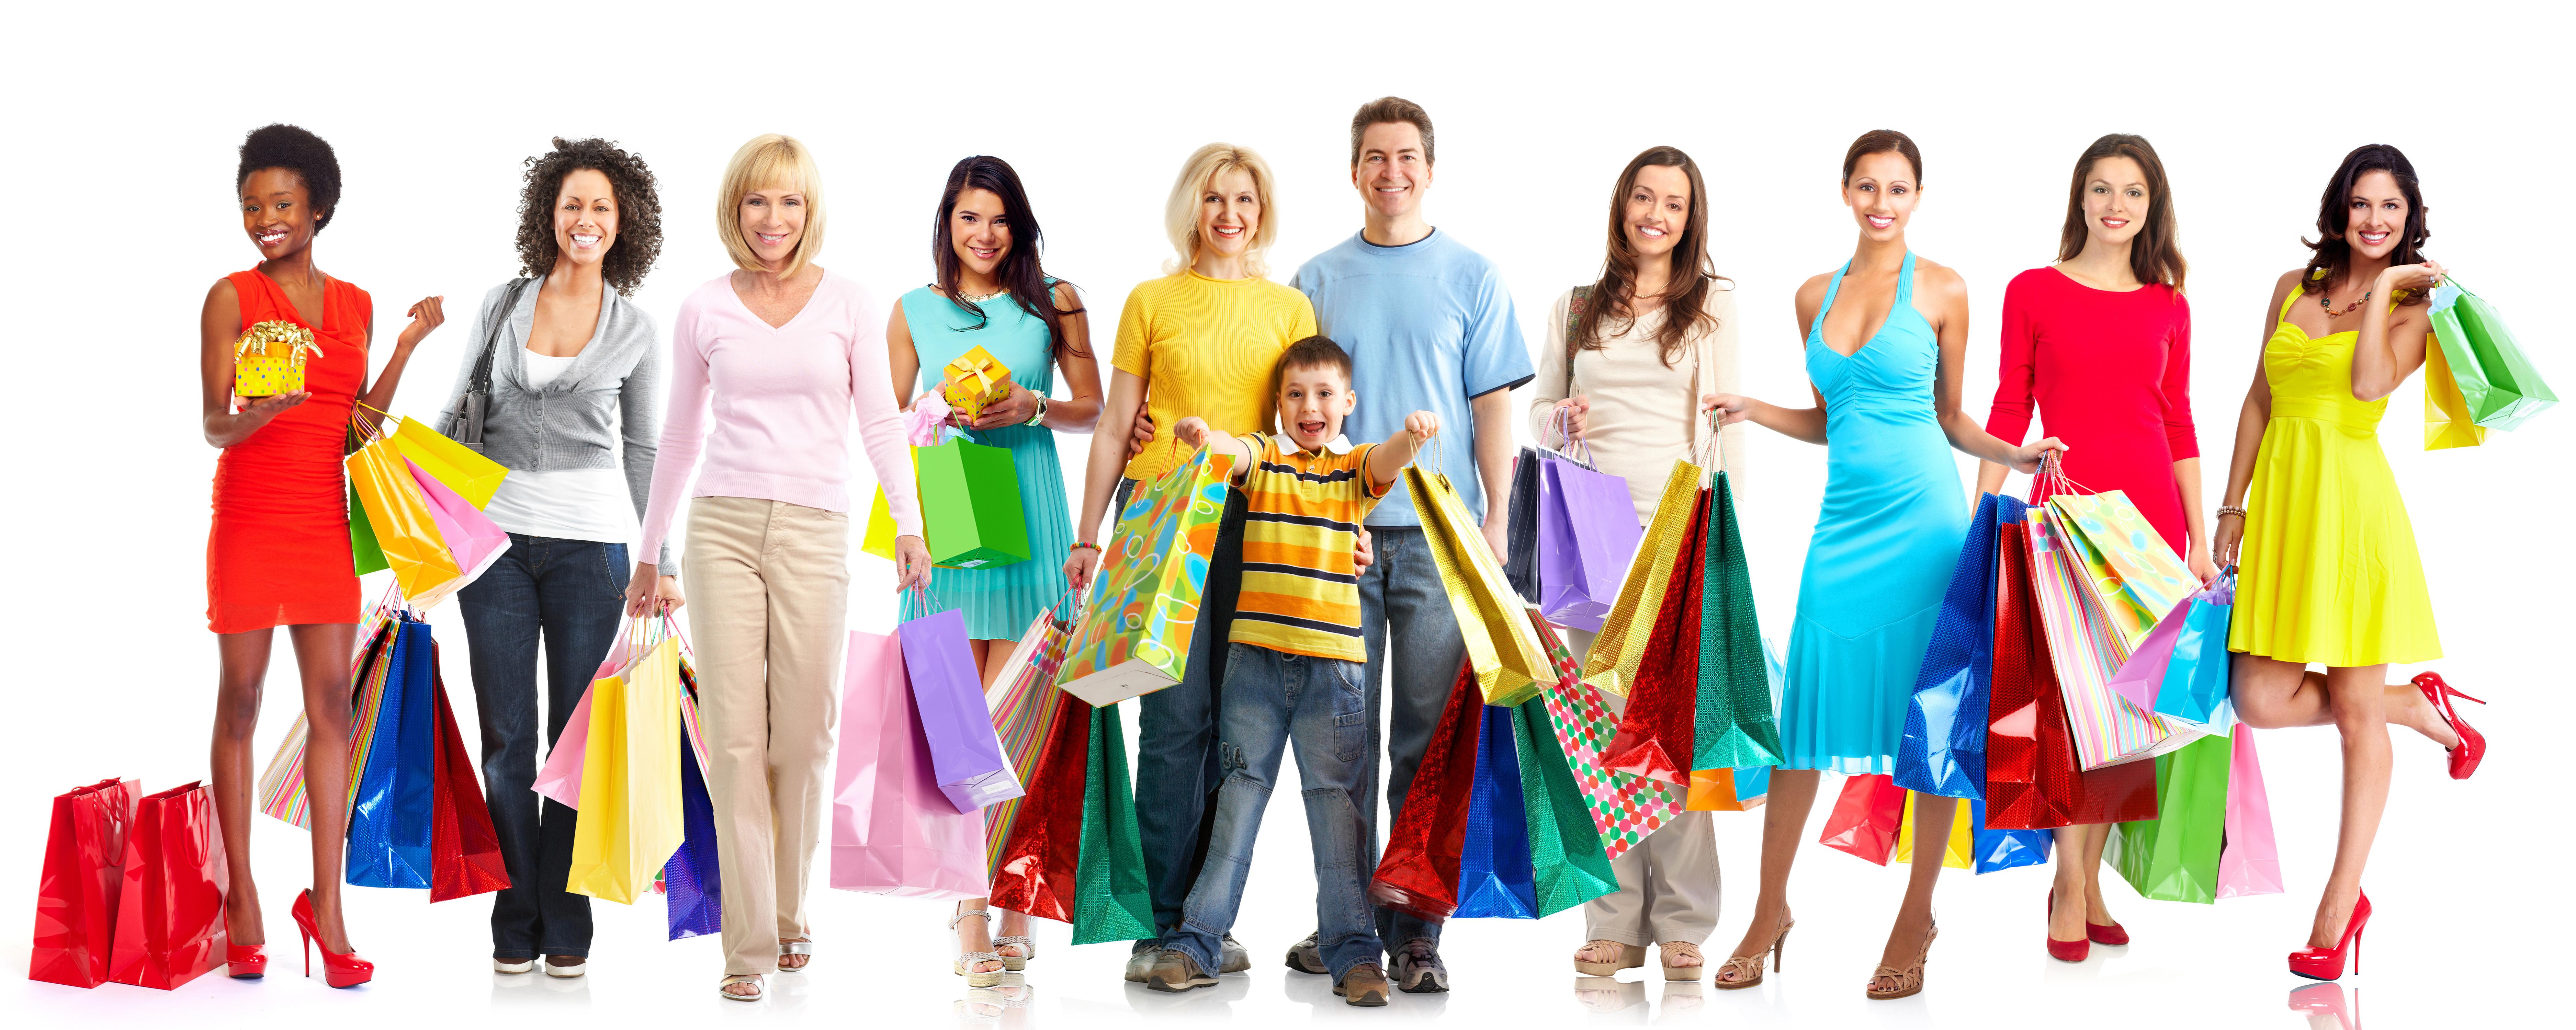 Ruedescodes.com: le site à privilégier pour bénéficier des remises